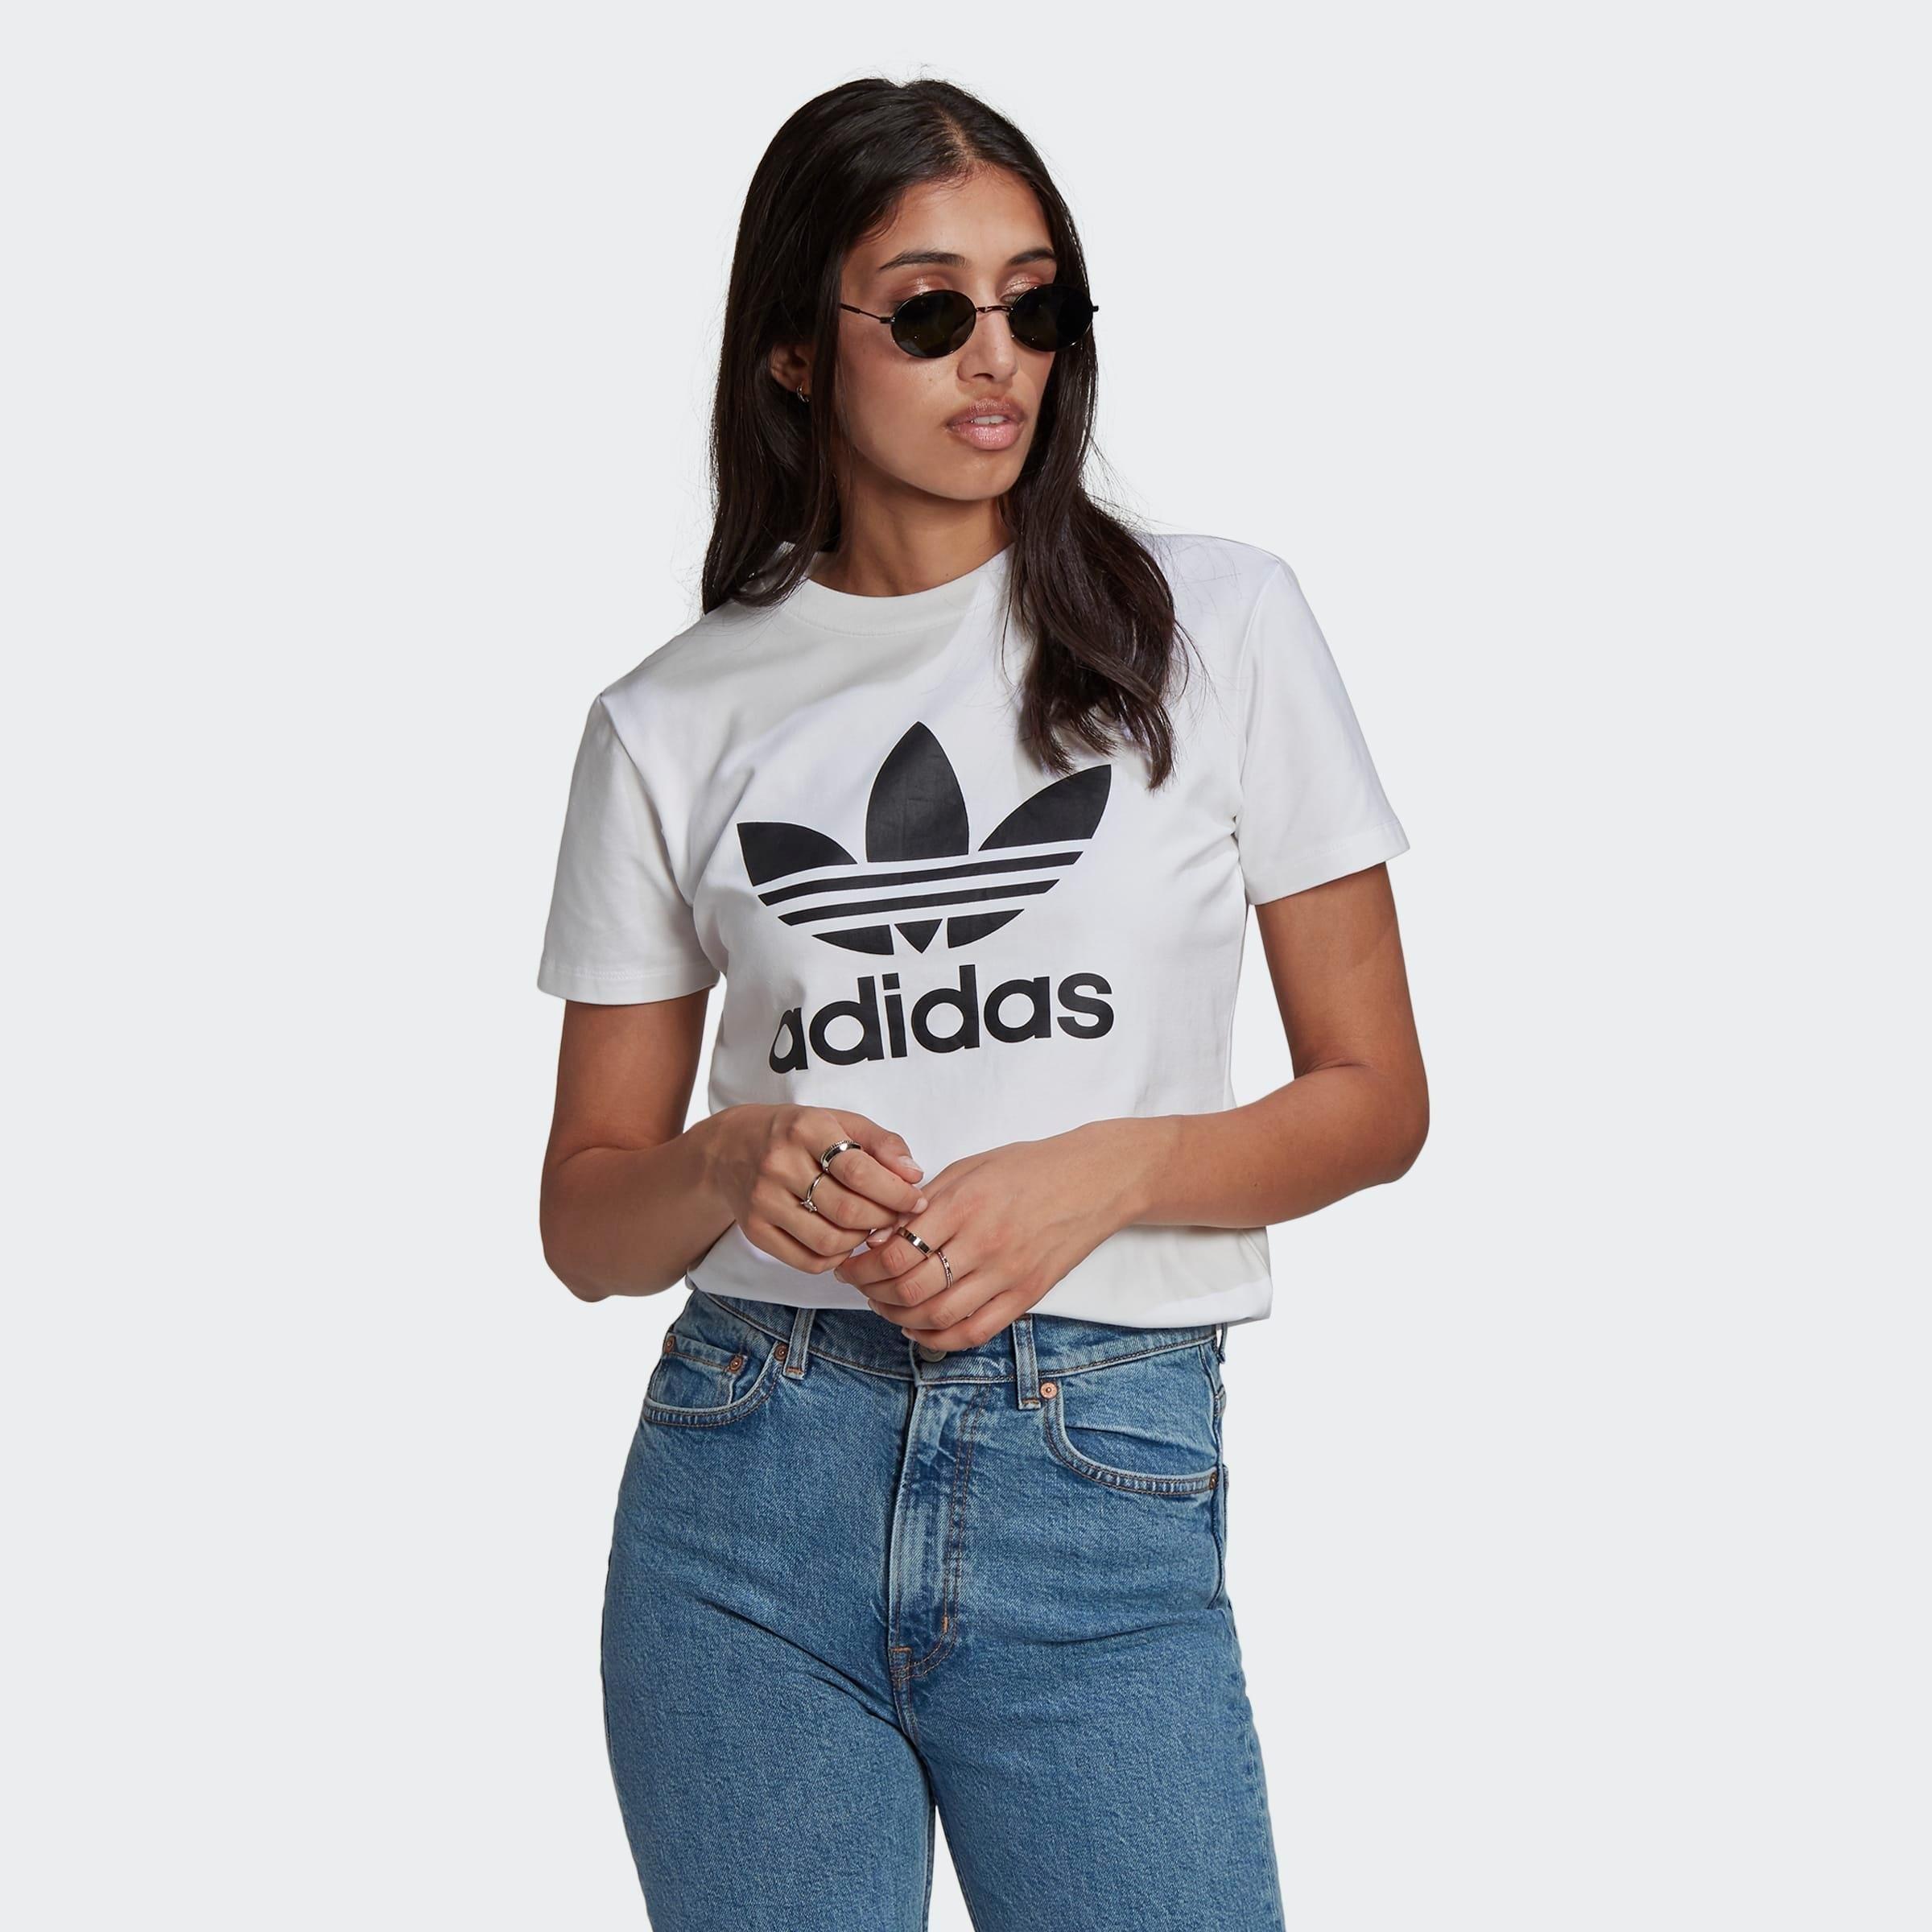 adidas Originals T-shirt ADICOLOR CLASSICS TREFOIL - gratis ruilen op otto.nl